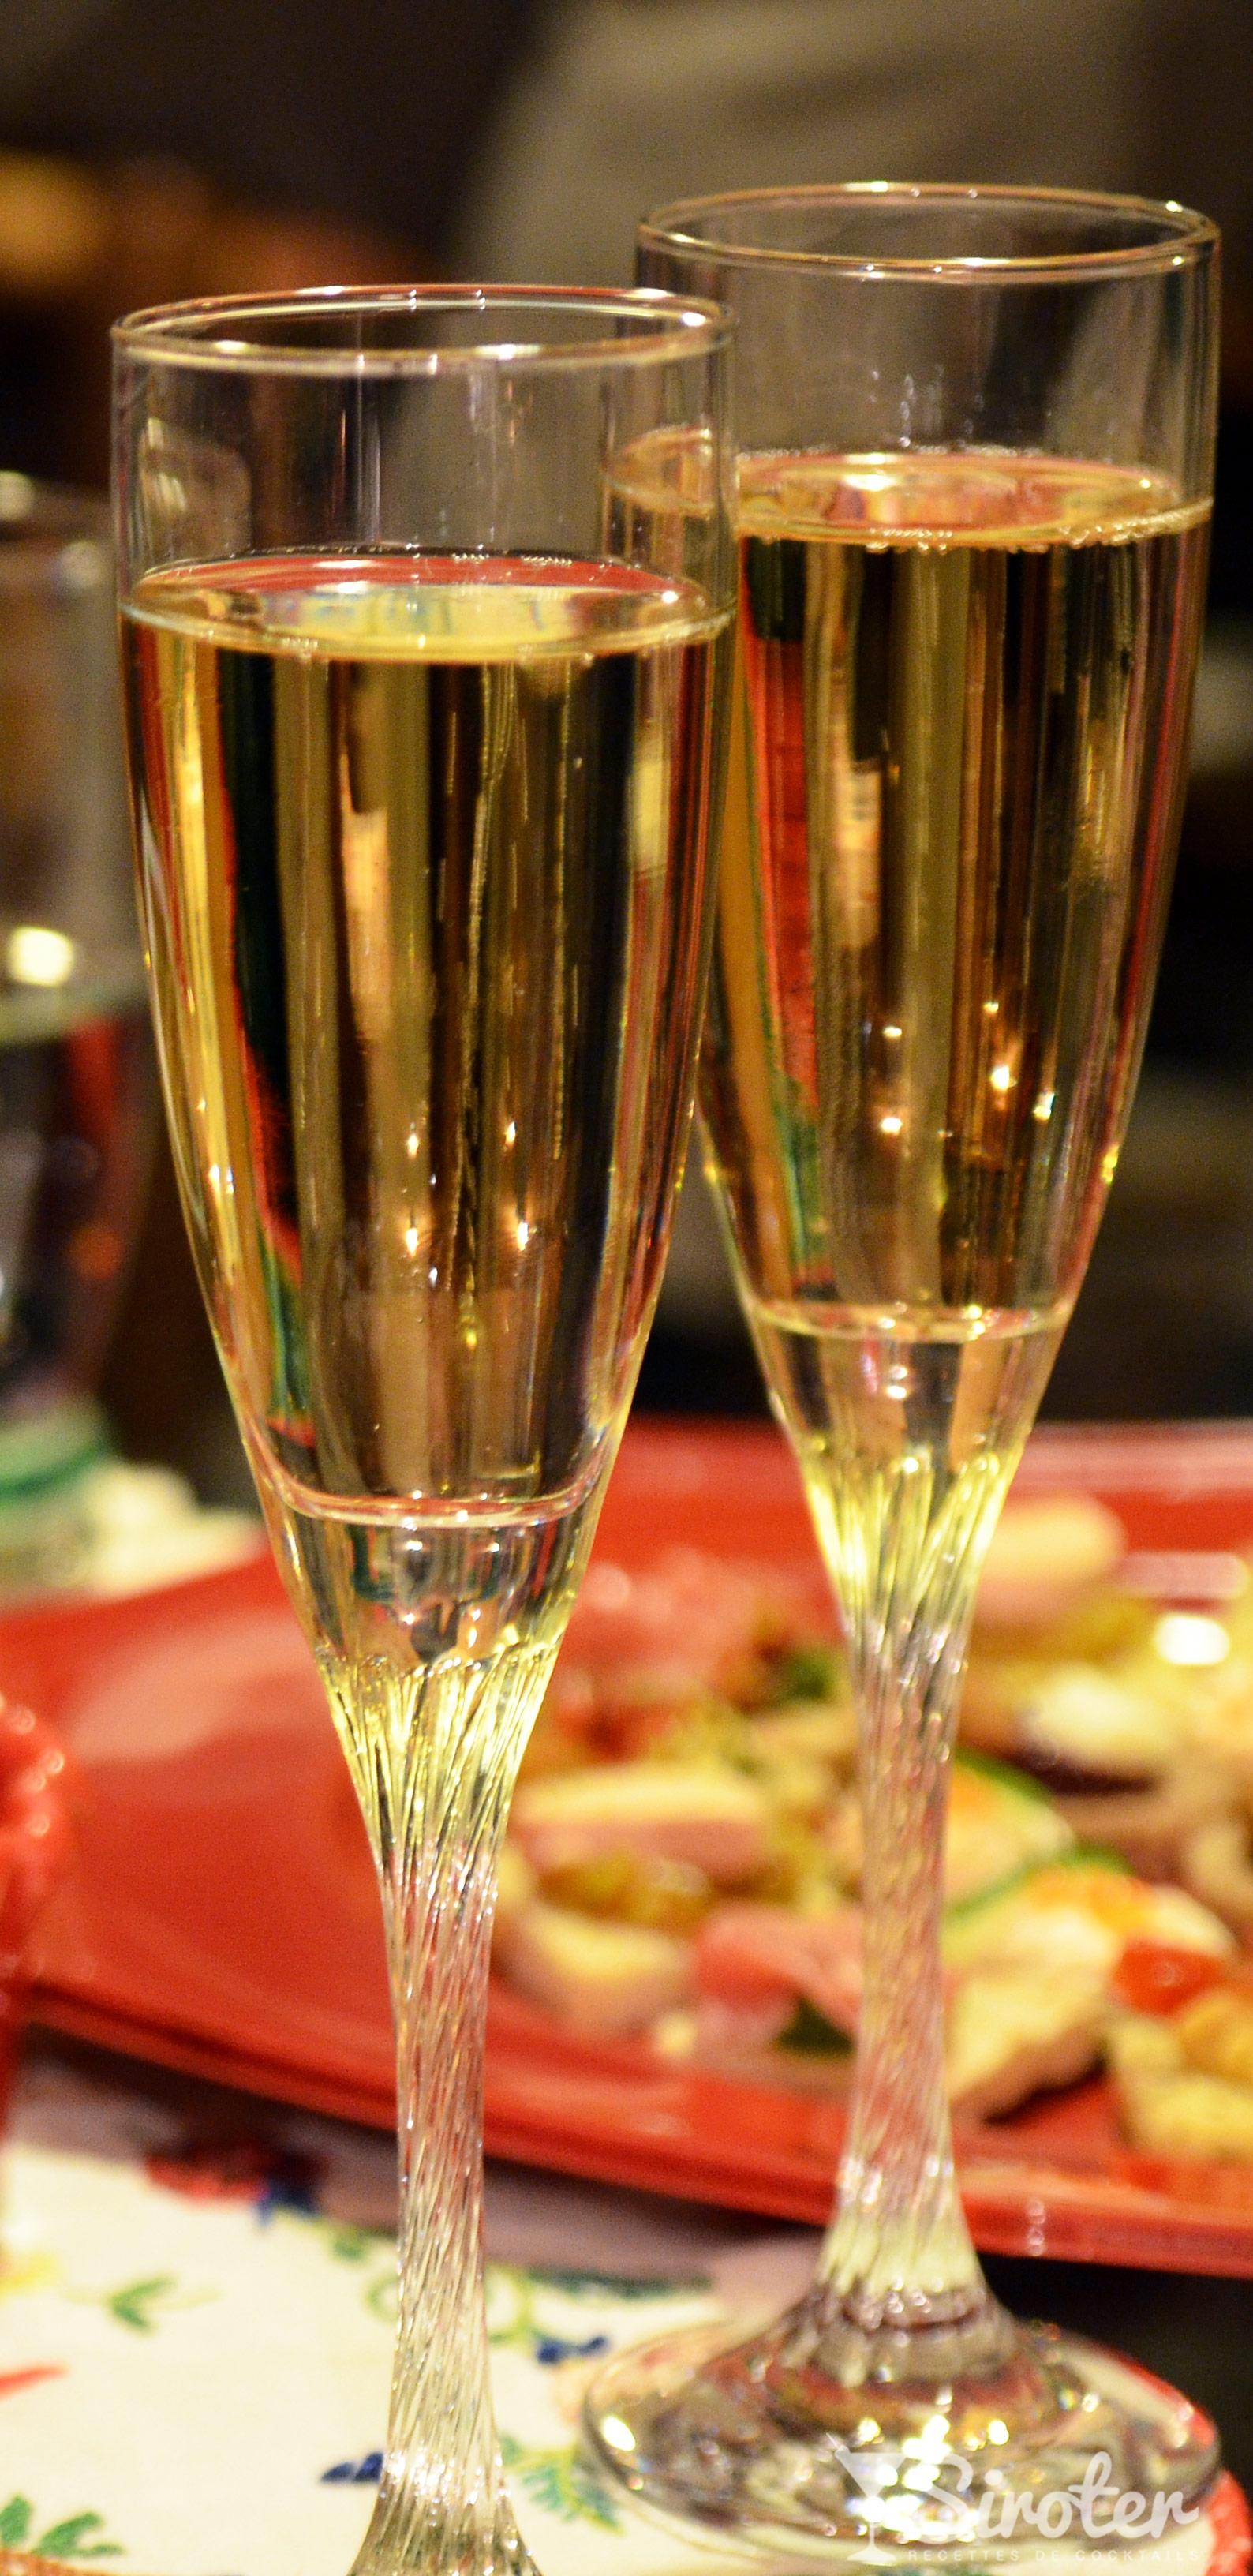 Cocktail absolut grand royal recette pr paration et for Site de cocktail